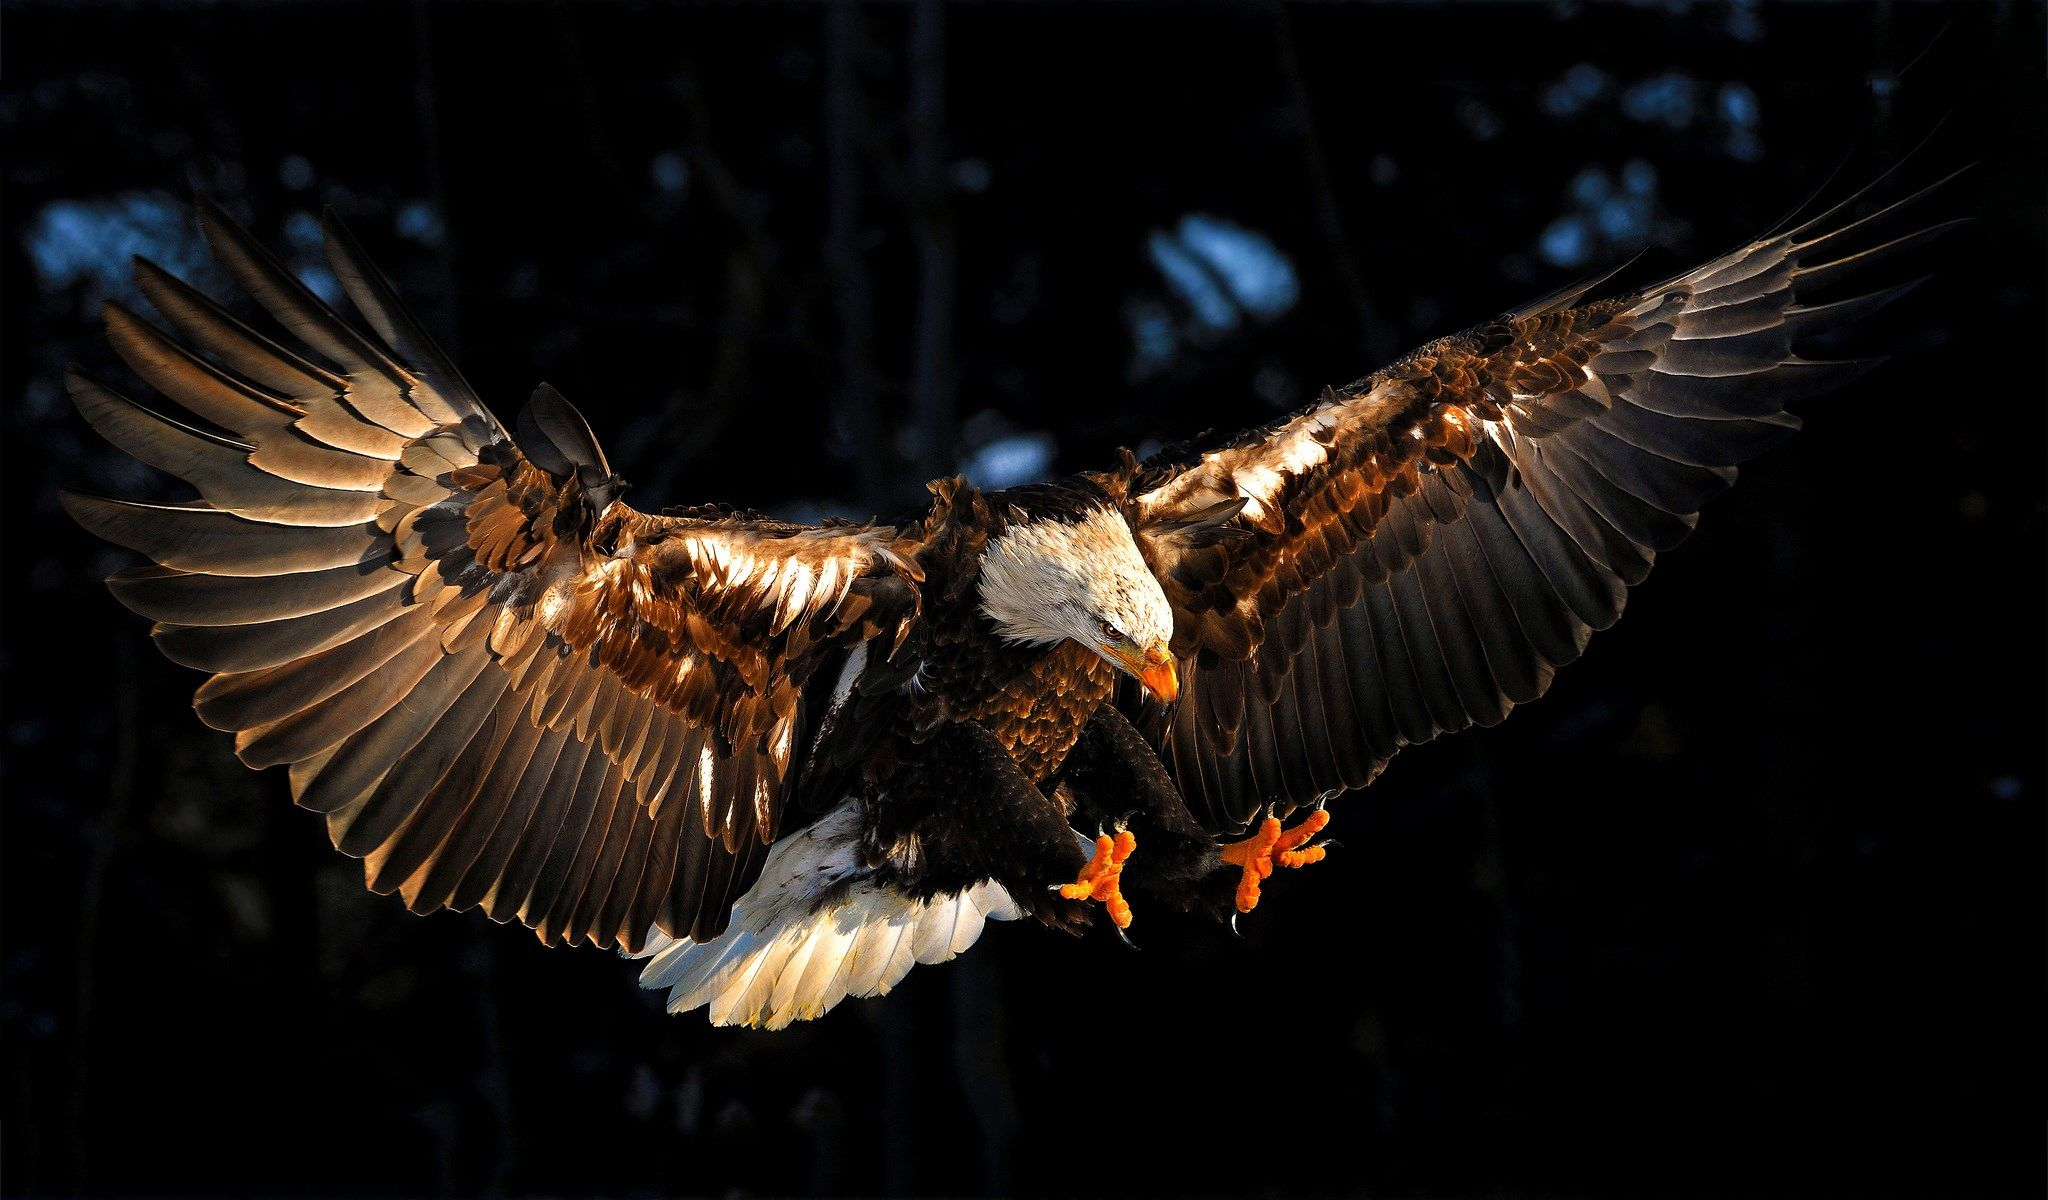 Eagle Wallpaper Free Hd Widescreen Eagle Wallpaper Eagle Images Bald Eagle